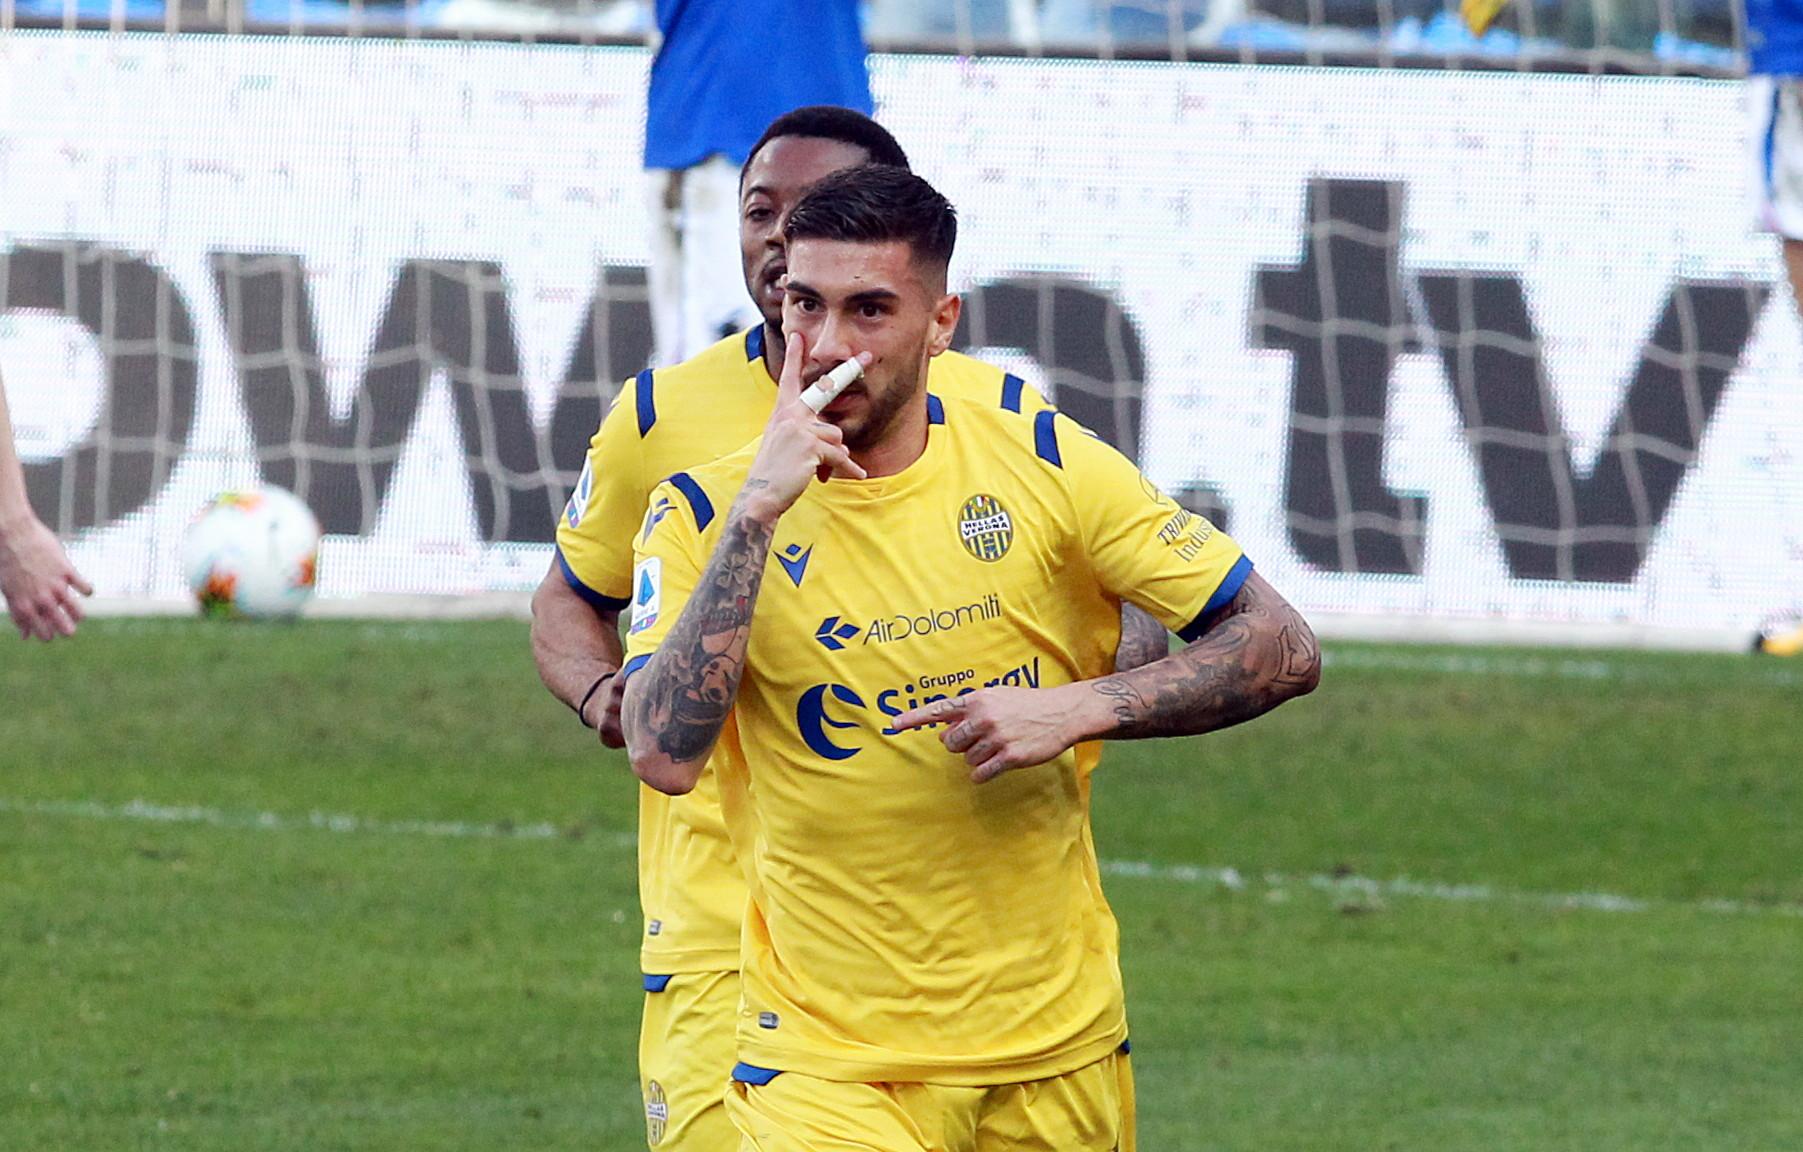 Mattia Zaccagni (calcio - Verona) guarito